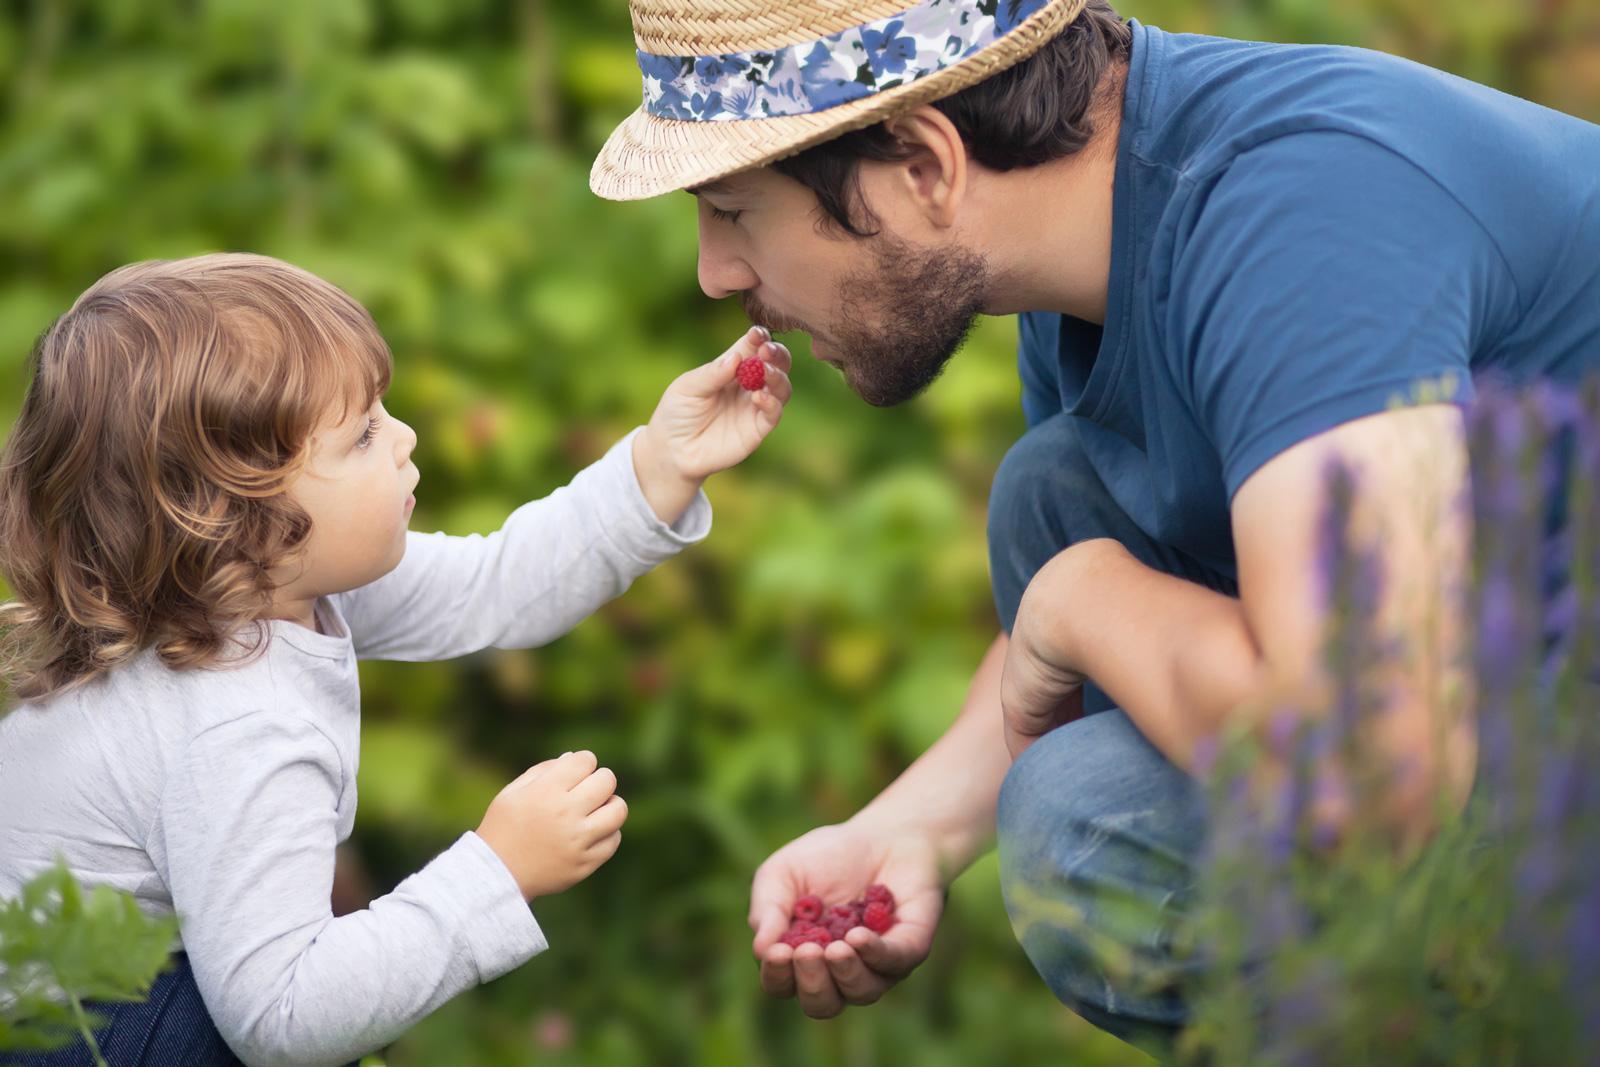 Obst selber pflücken ist für Kinder ein Erlebnis.